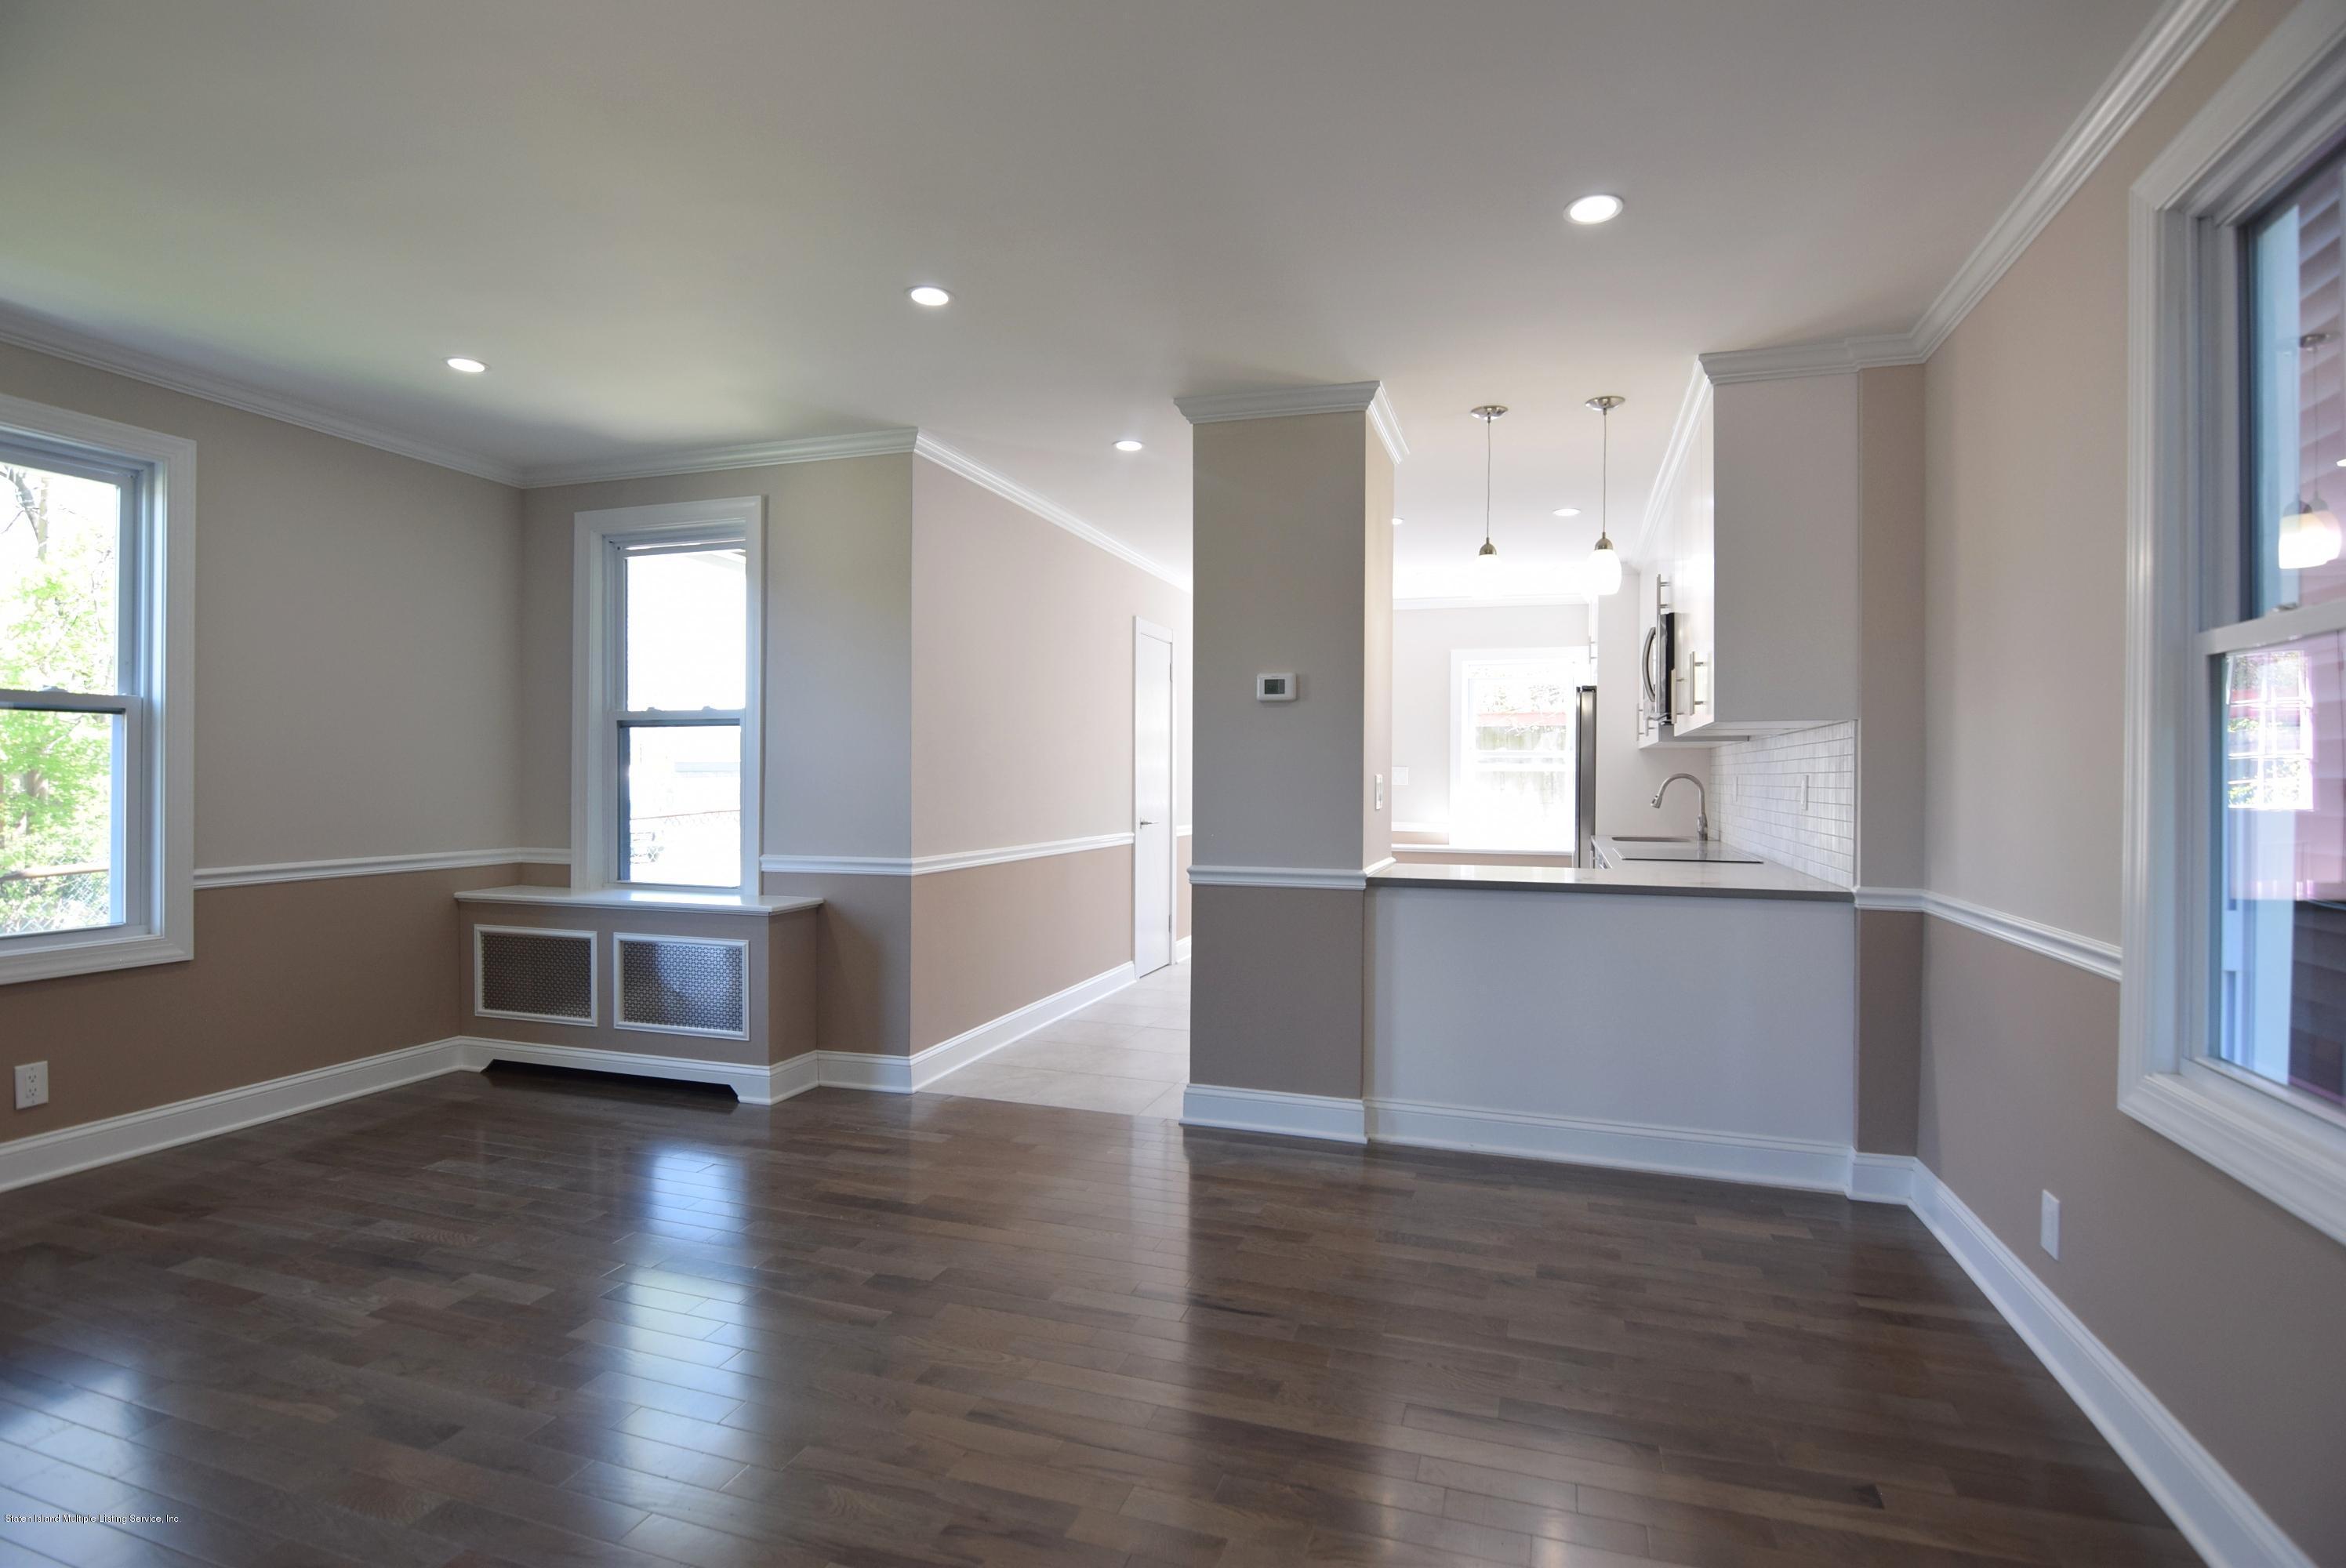 Single Family - Detached 55 Park Avenue  Staten Island, NY 10302, MLS-1128331-8